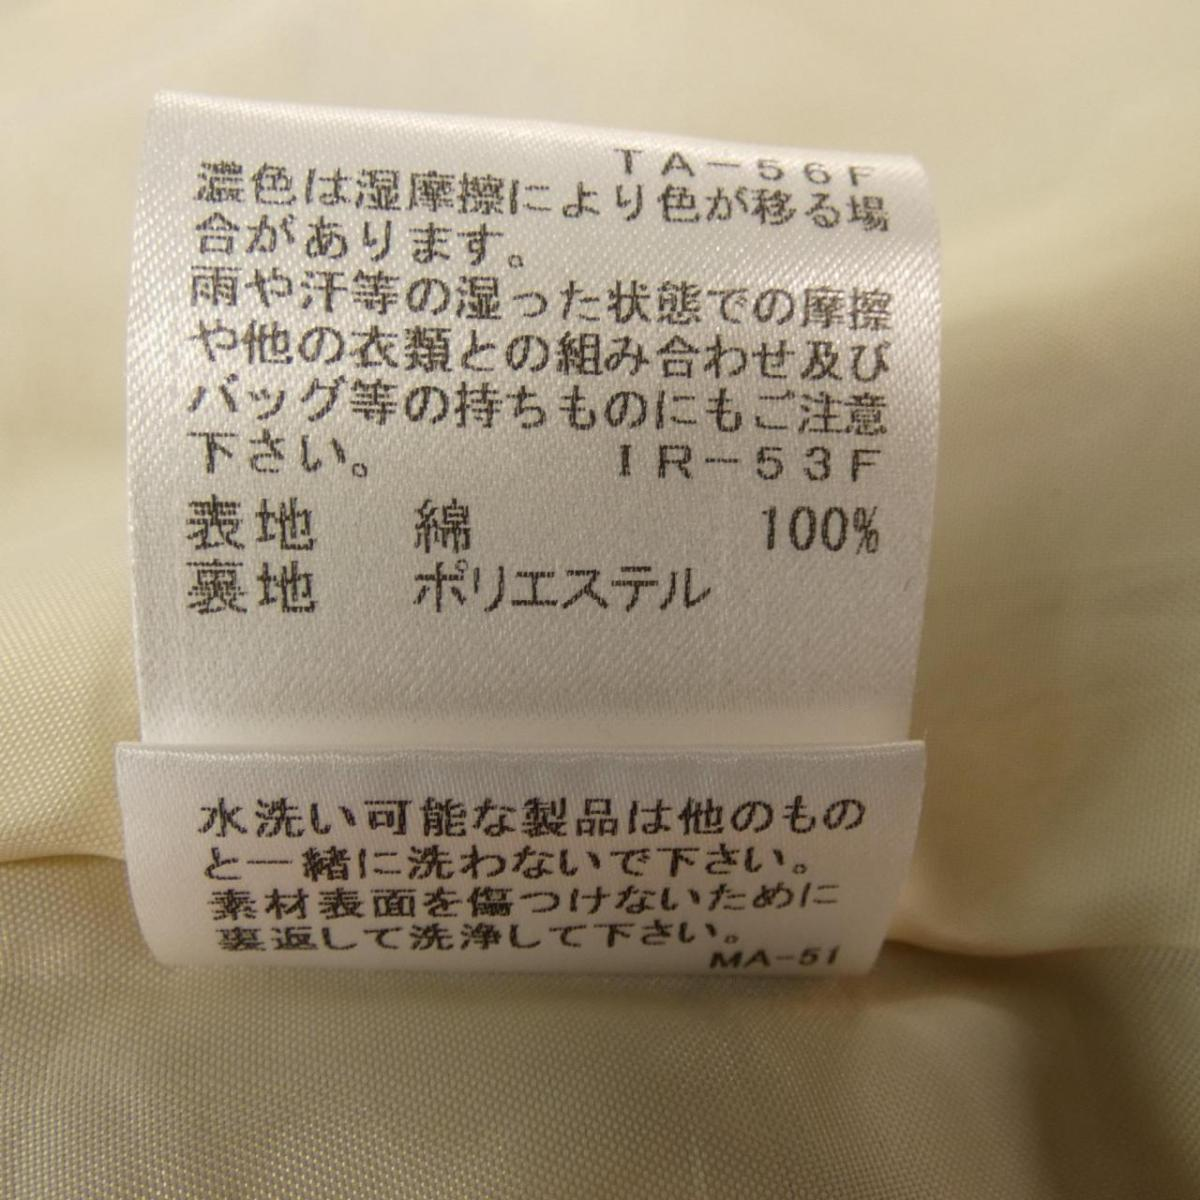 ブルーレーベルクレストブリッジ BLUE LABEL CRESTBRID スカート【中古】